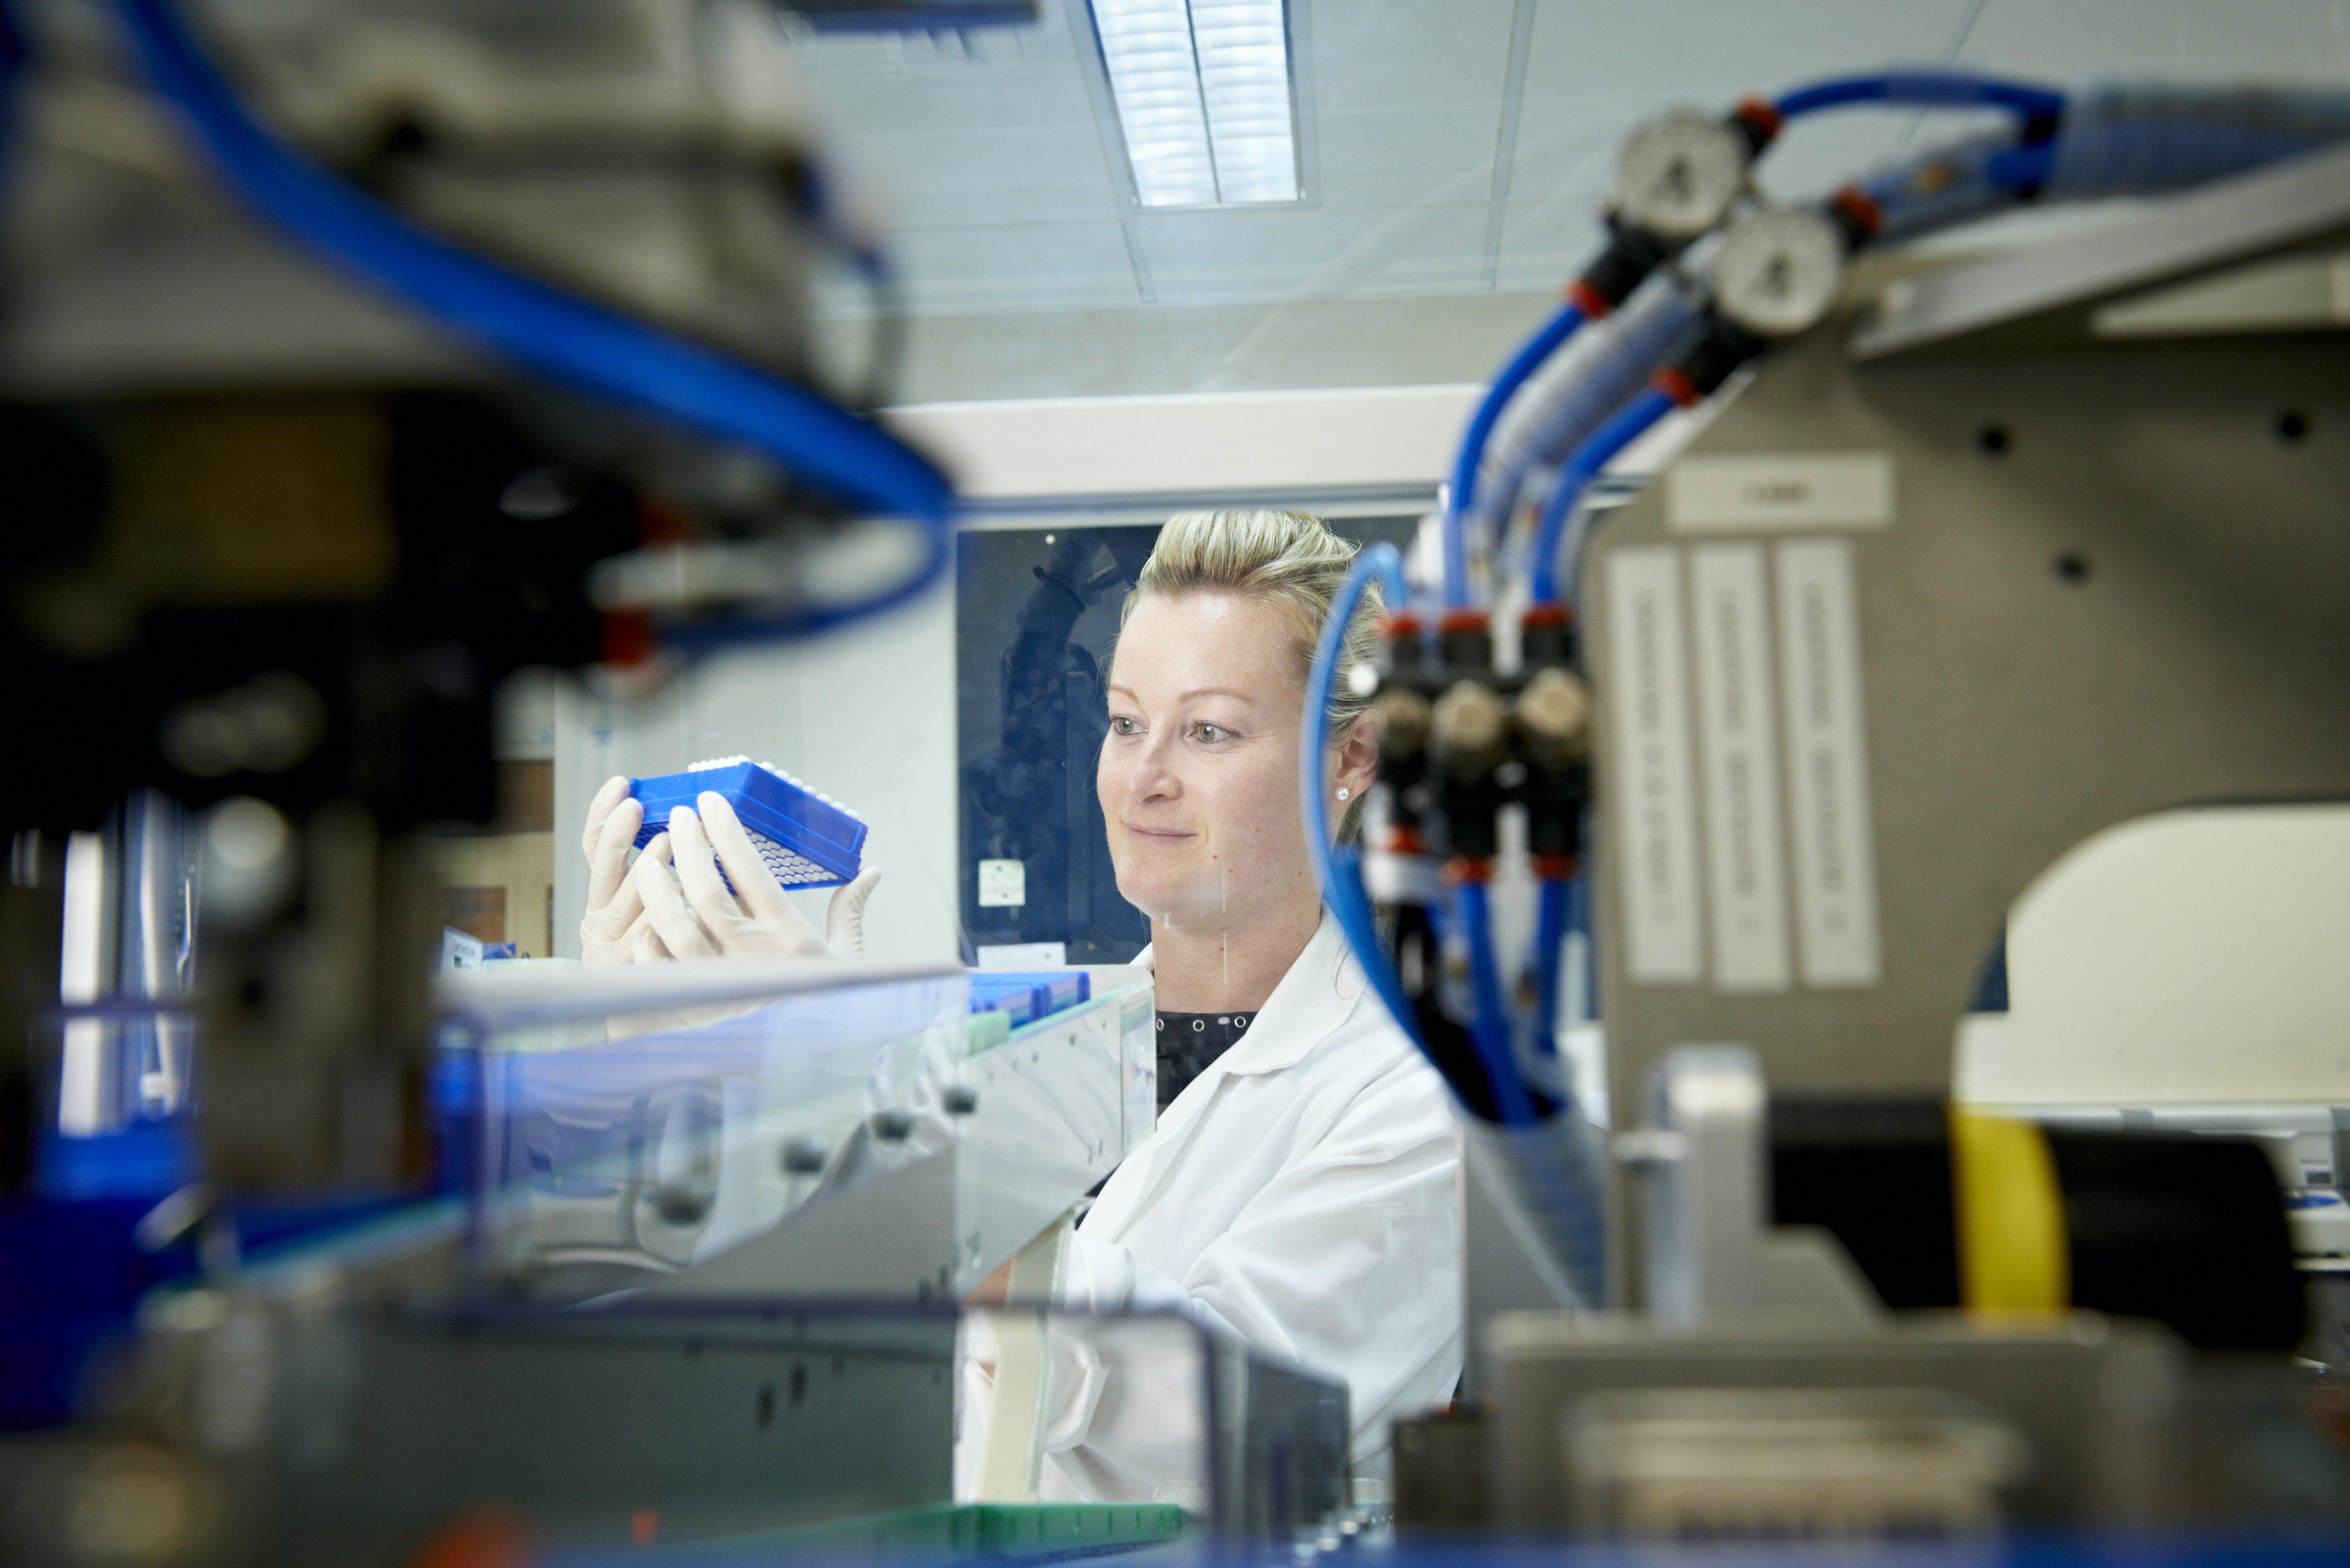 LIC lab image